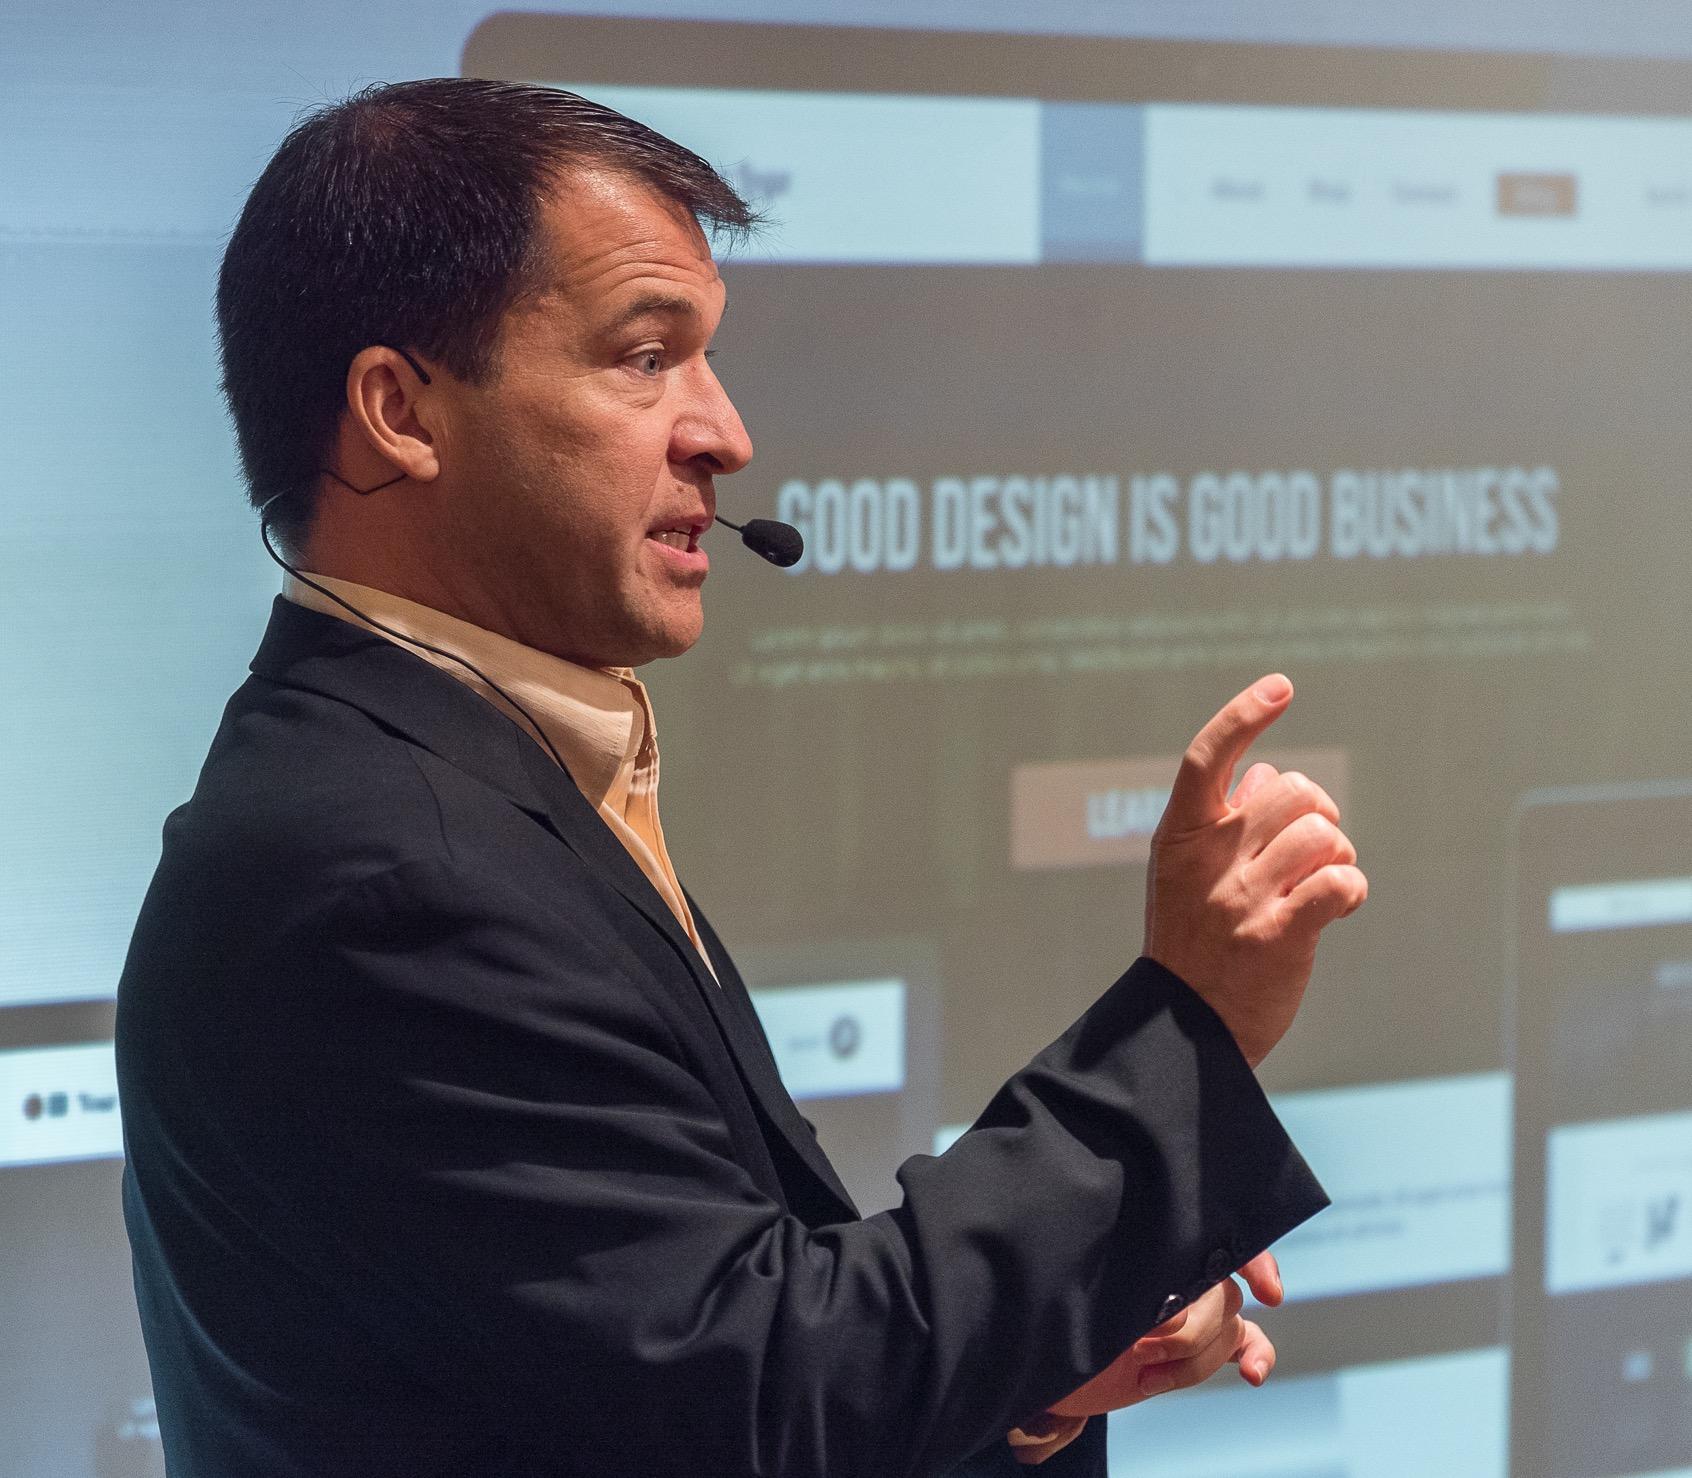 Frederic Gonzalo, conférencier et formateur en marketing numérique